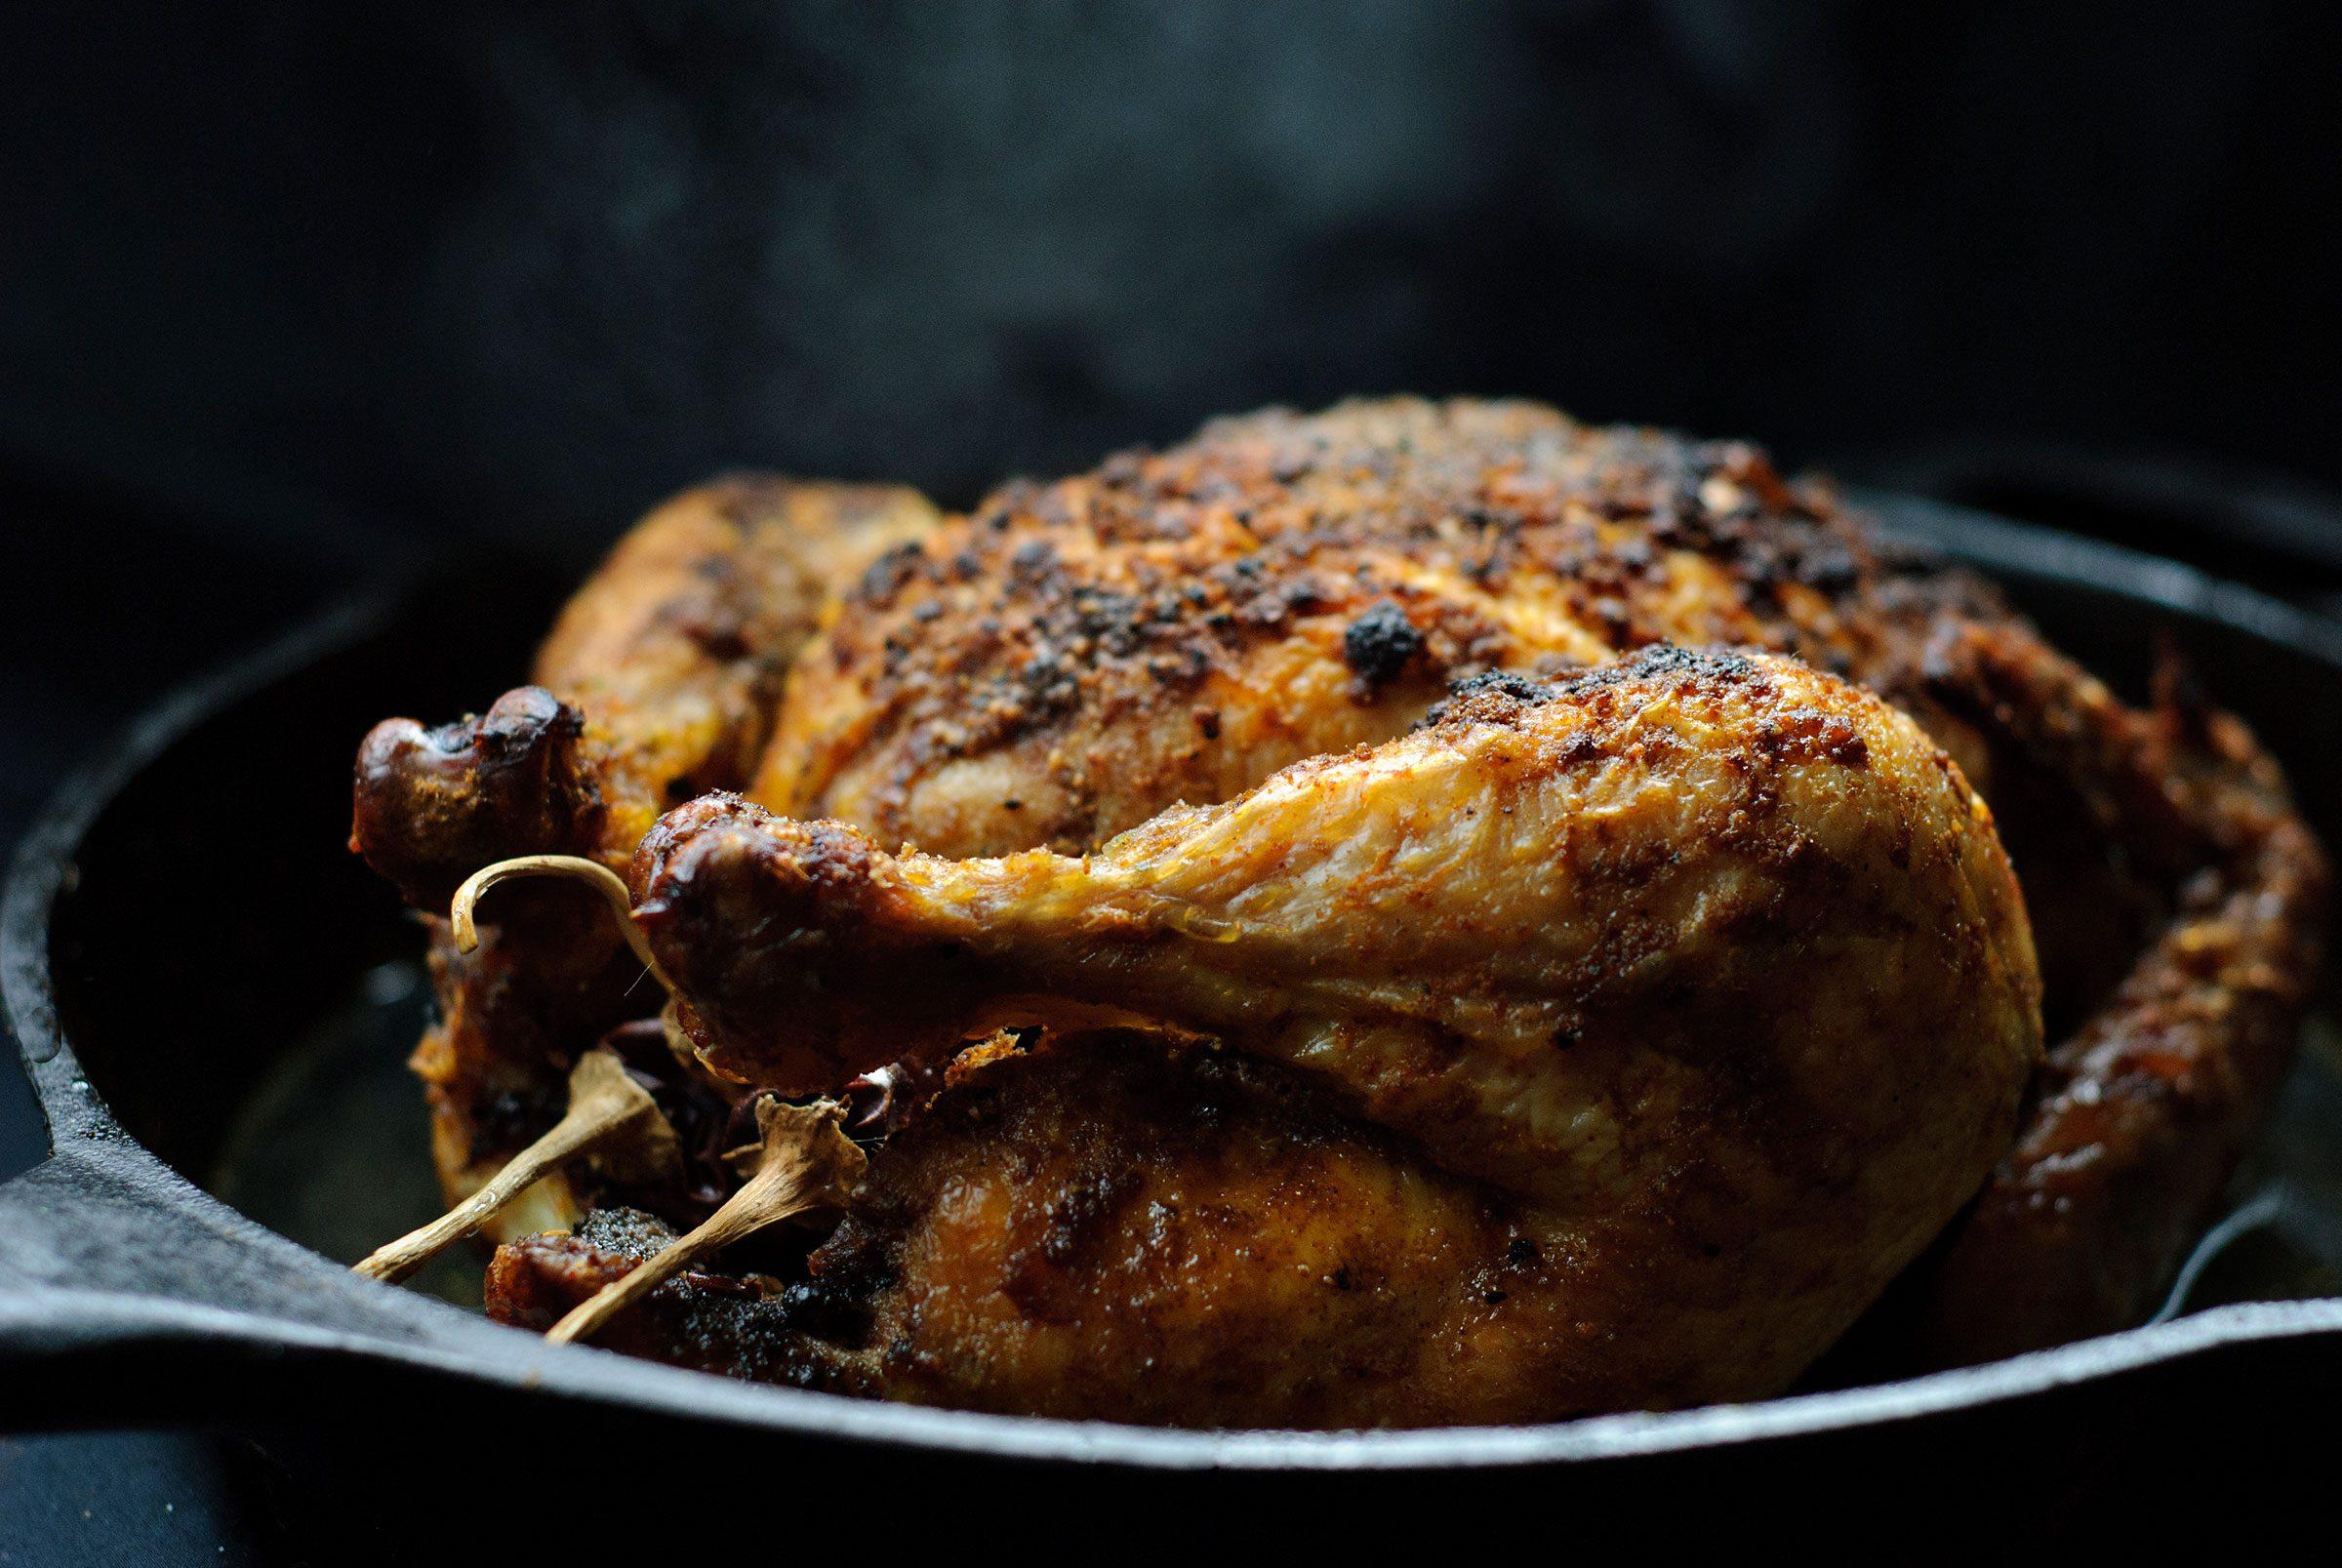 2. Rotisserie chicken